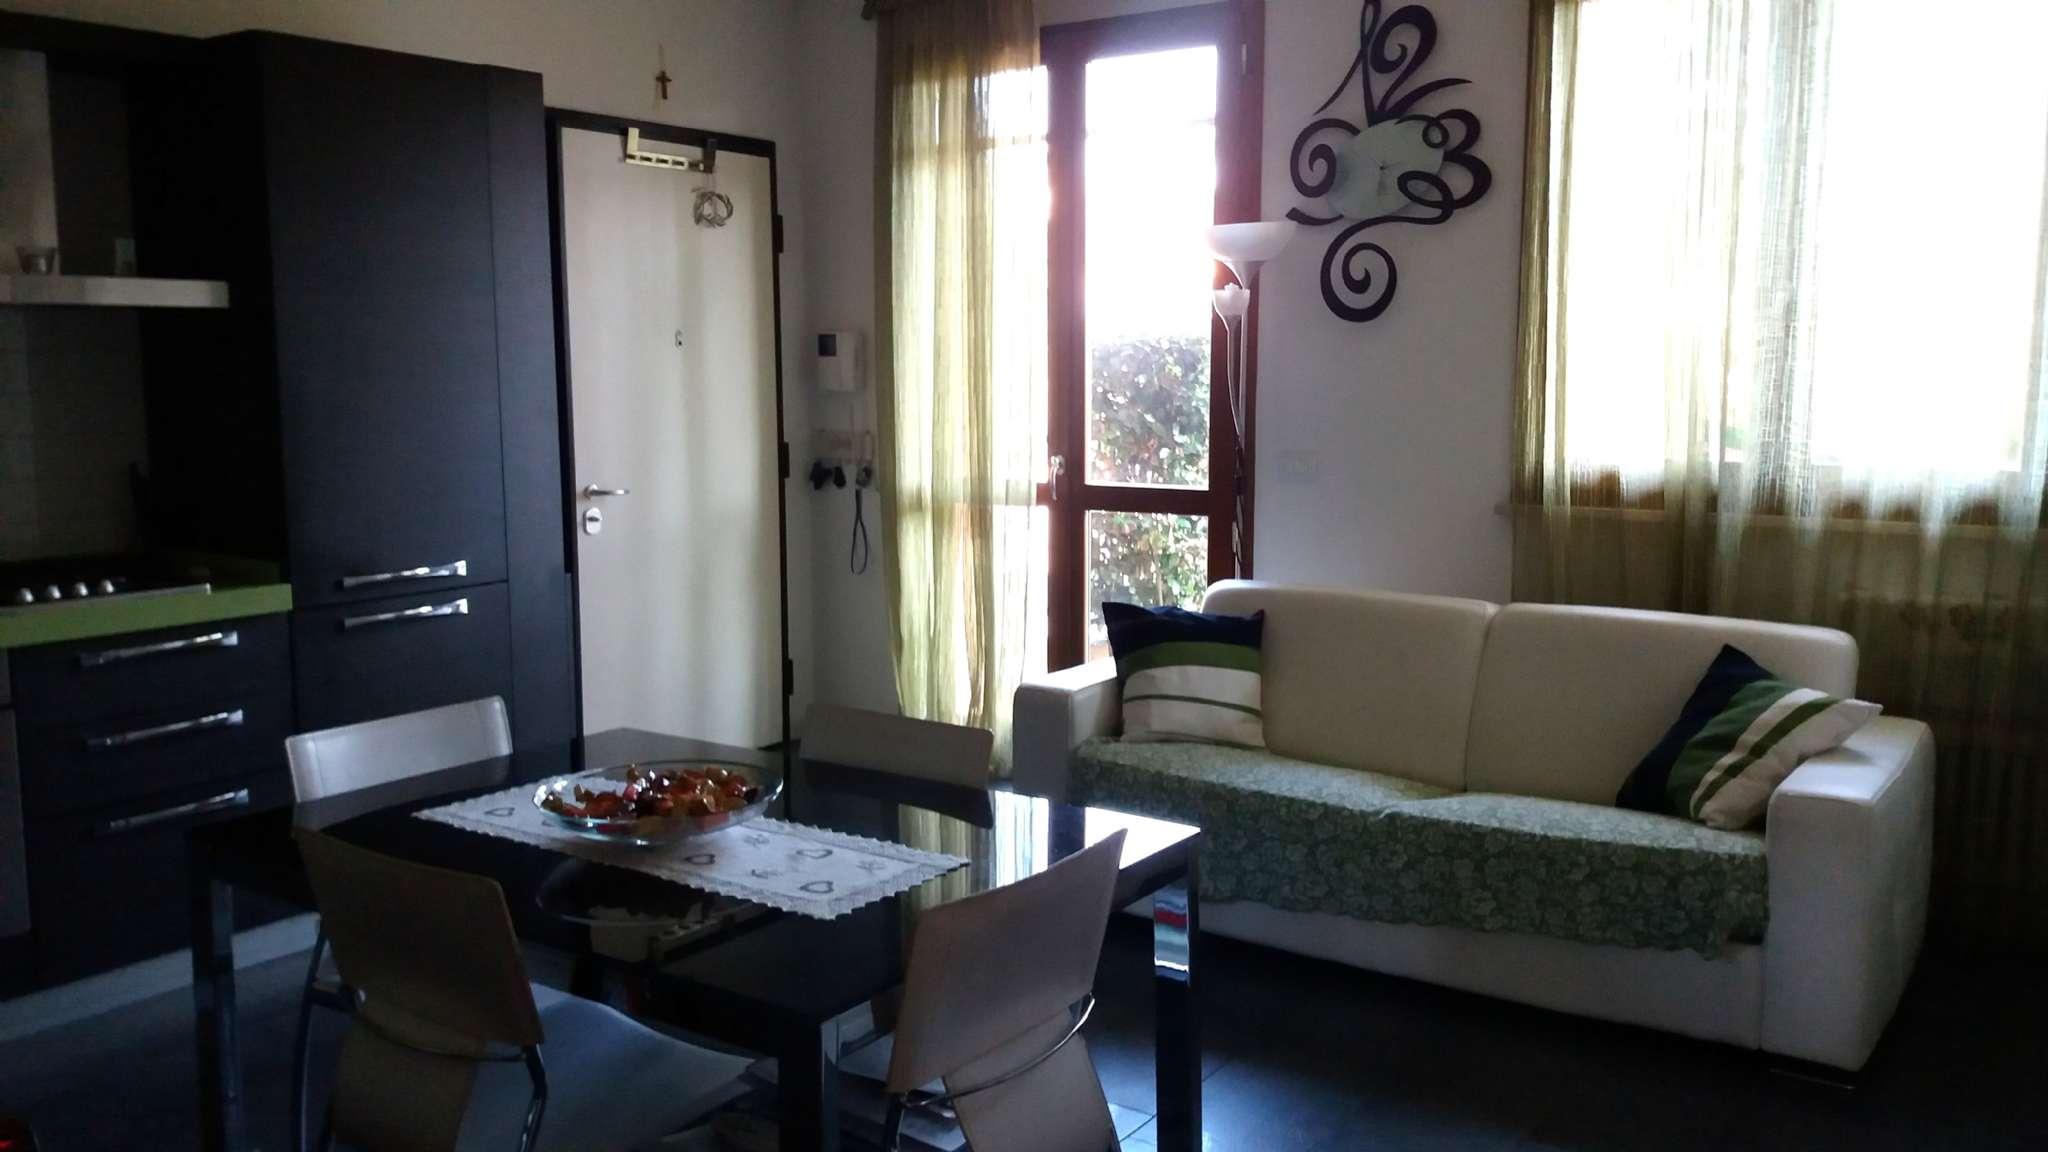 Appartamento in vendita a Santarcangelo di Romagna, 3 locali, prezzo € 185.000 | PortaleAgenzieImmobiliari.it